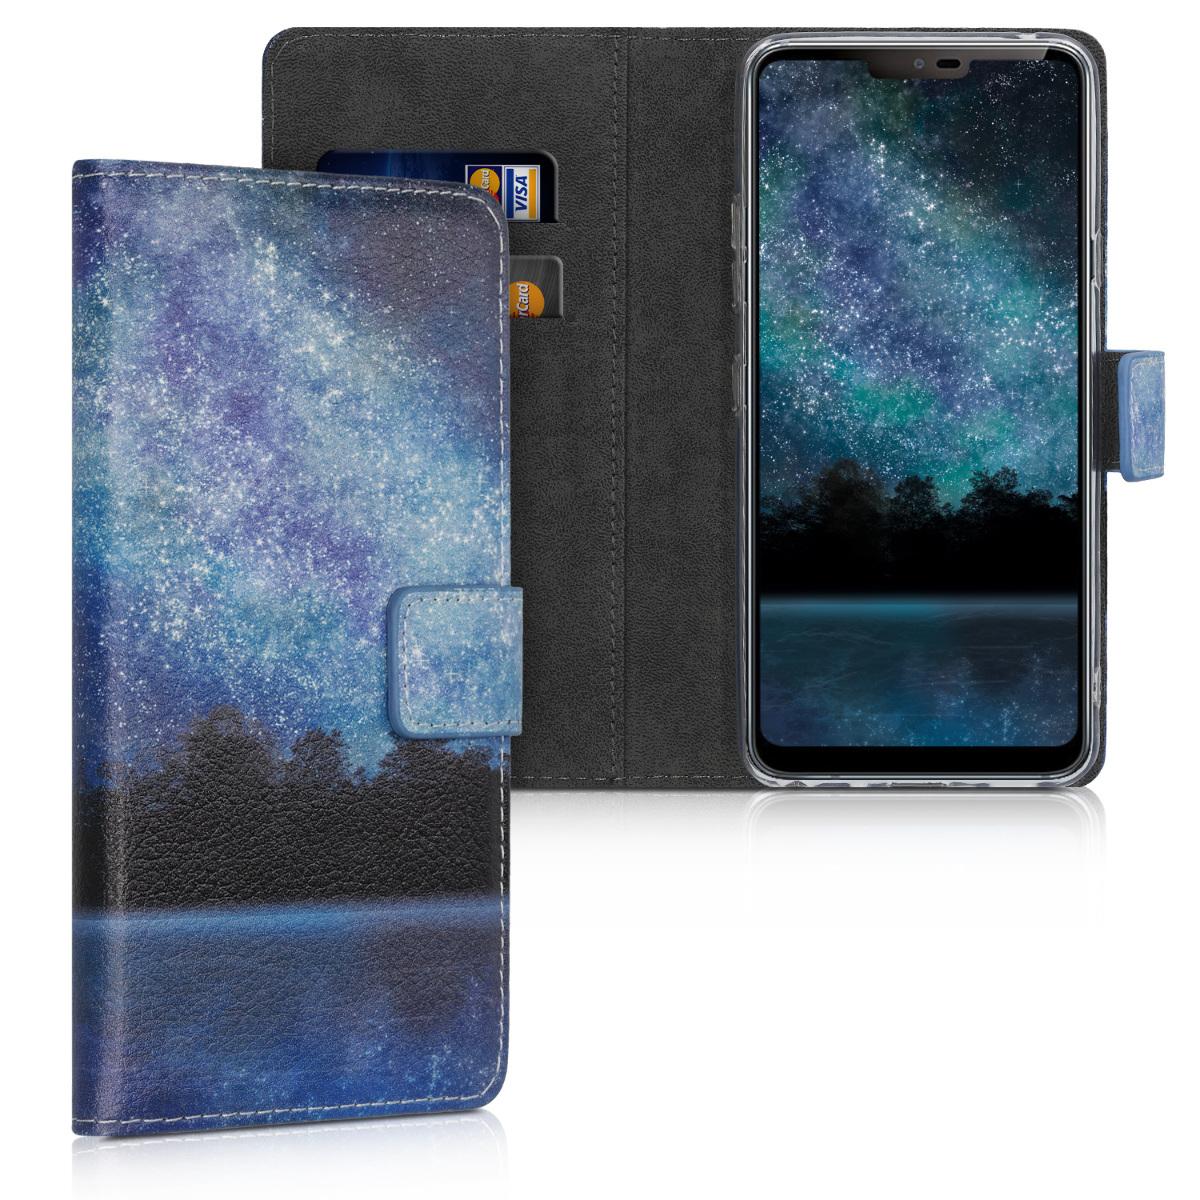 KW Θήκη - Πορτοφόλι LG G7 ThinQ - Blue / Black (47345.09)